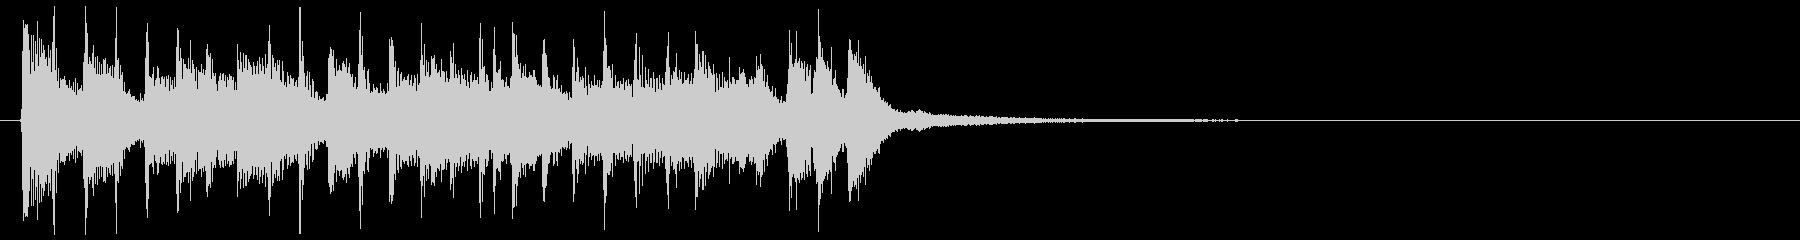 【JG】オープニングにあうジングル01の未再生の波形